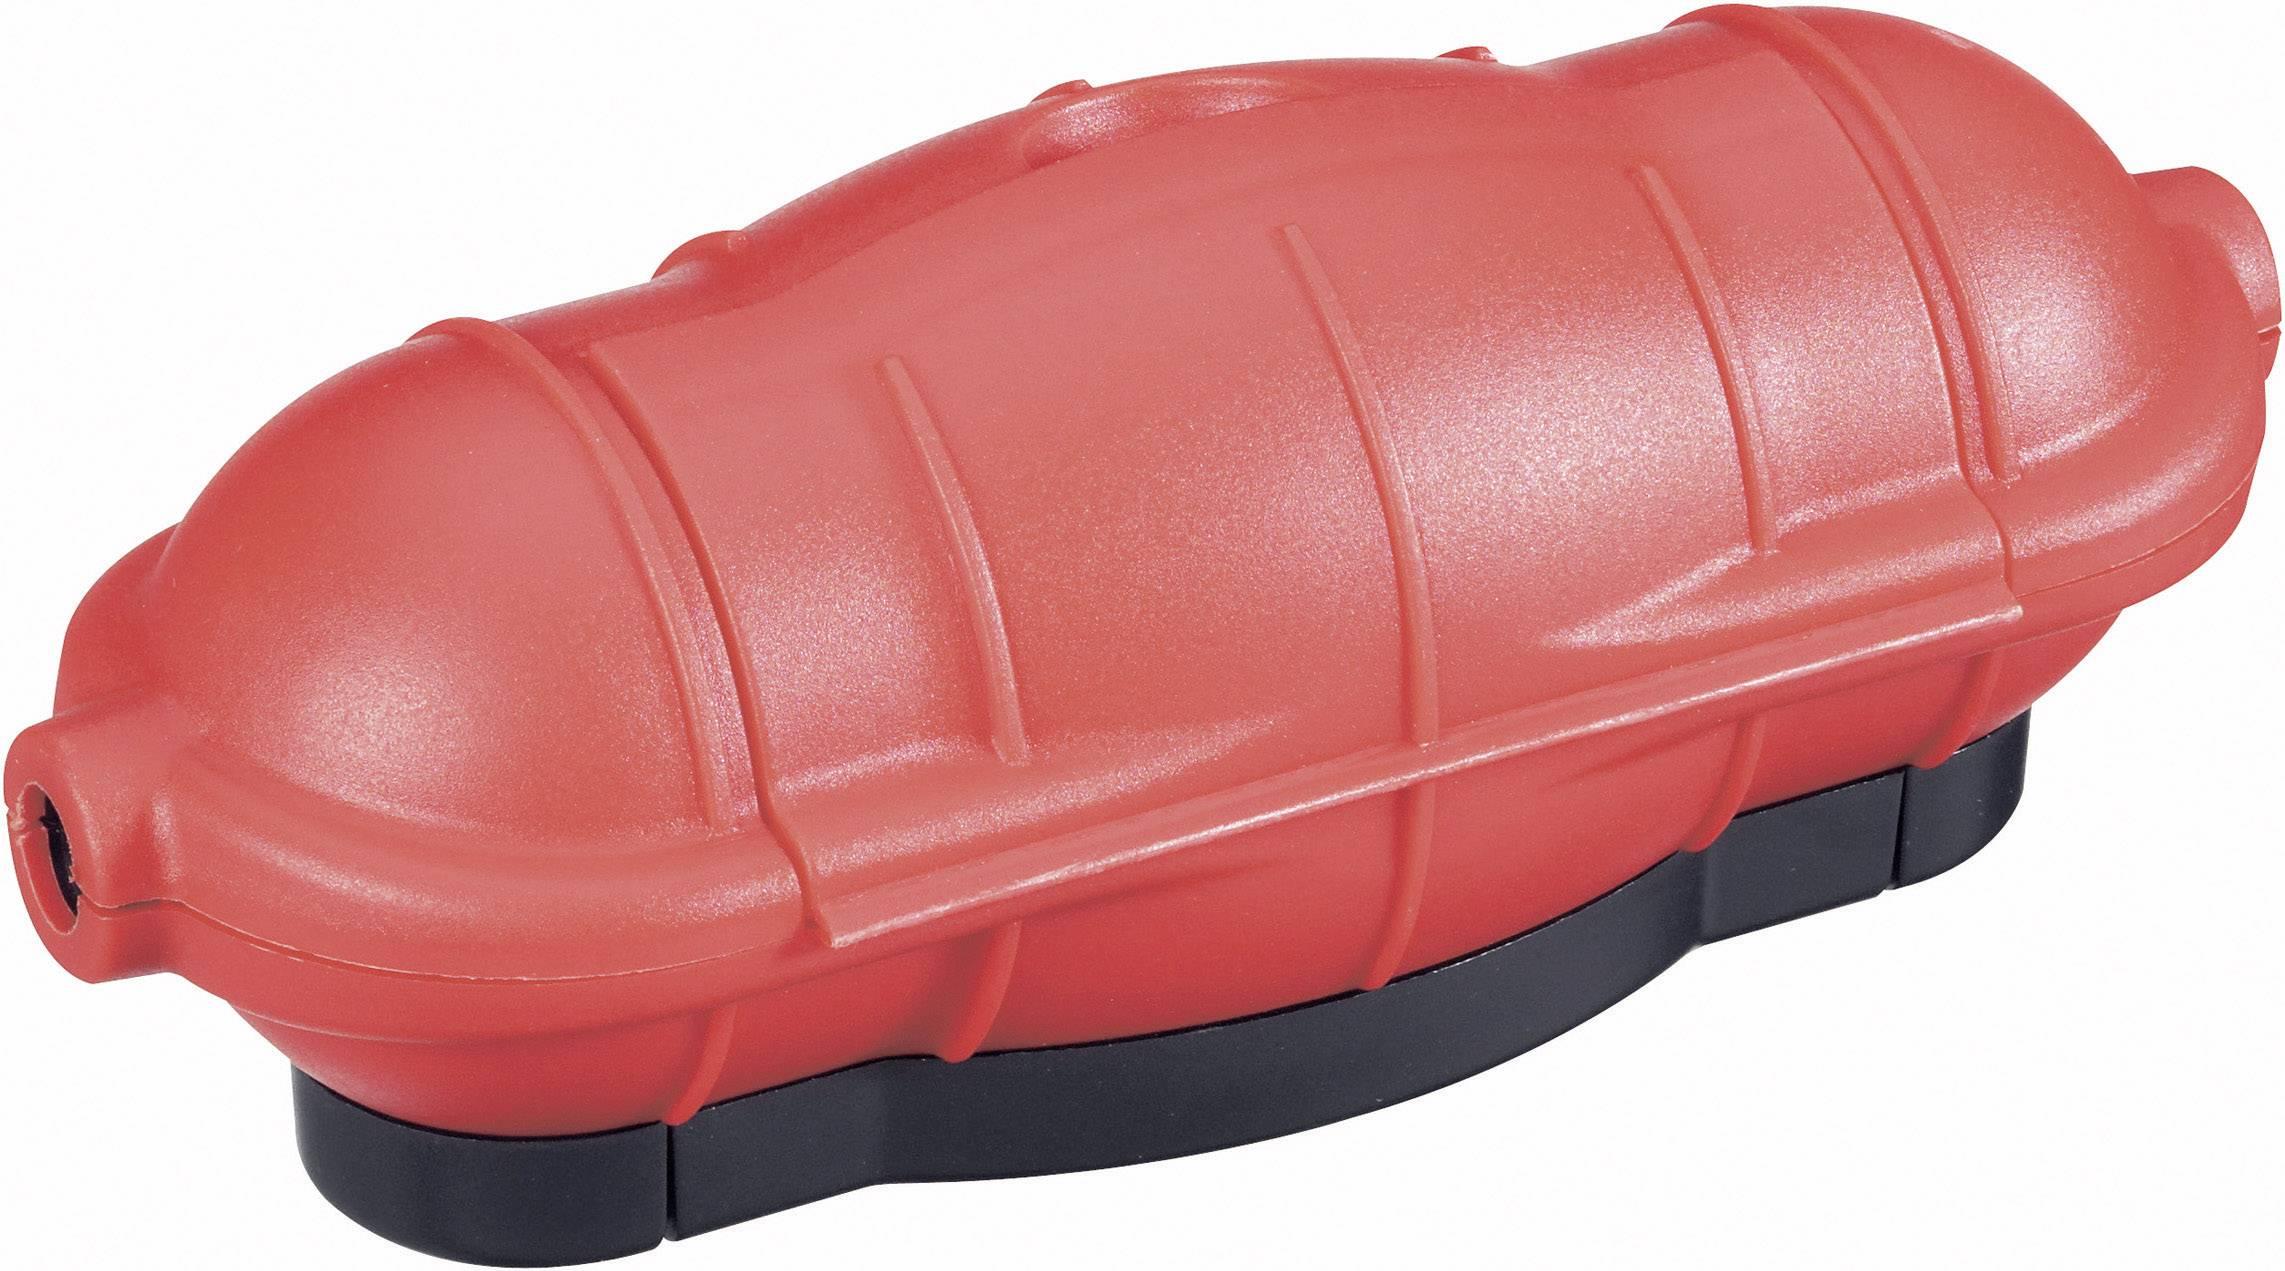 Bezpečnostní kryt na zásuvku GAO 0391, červená